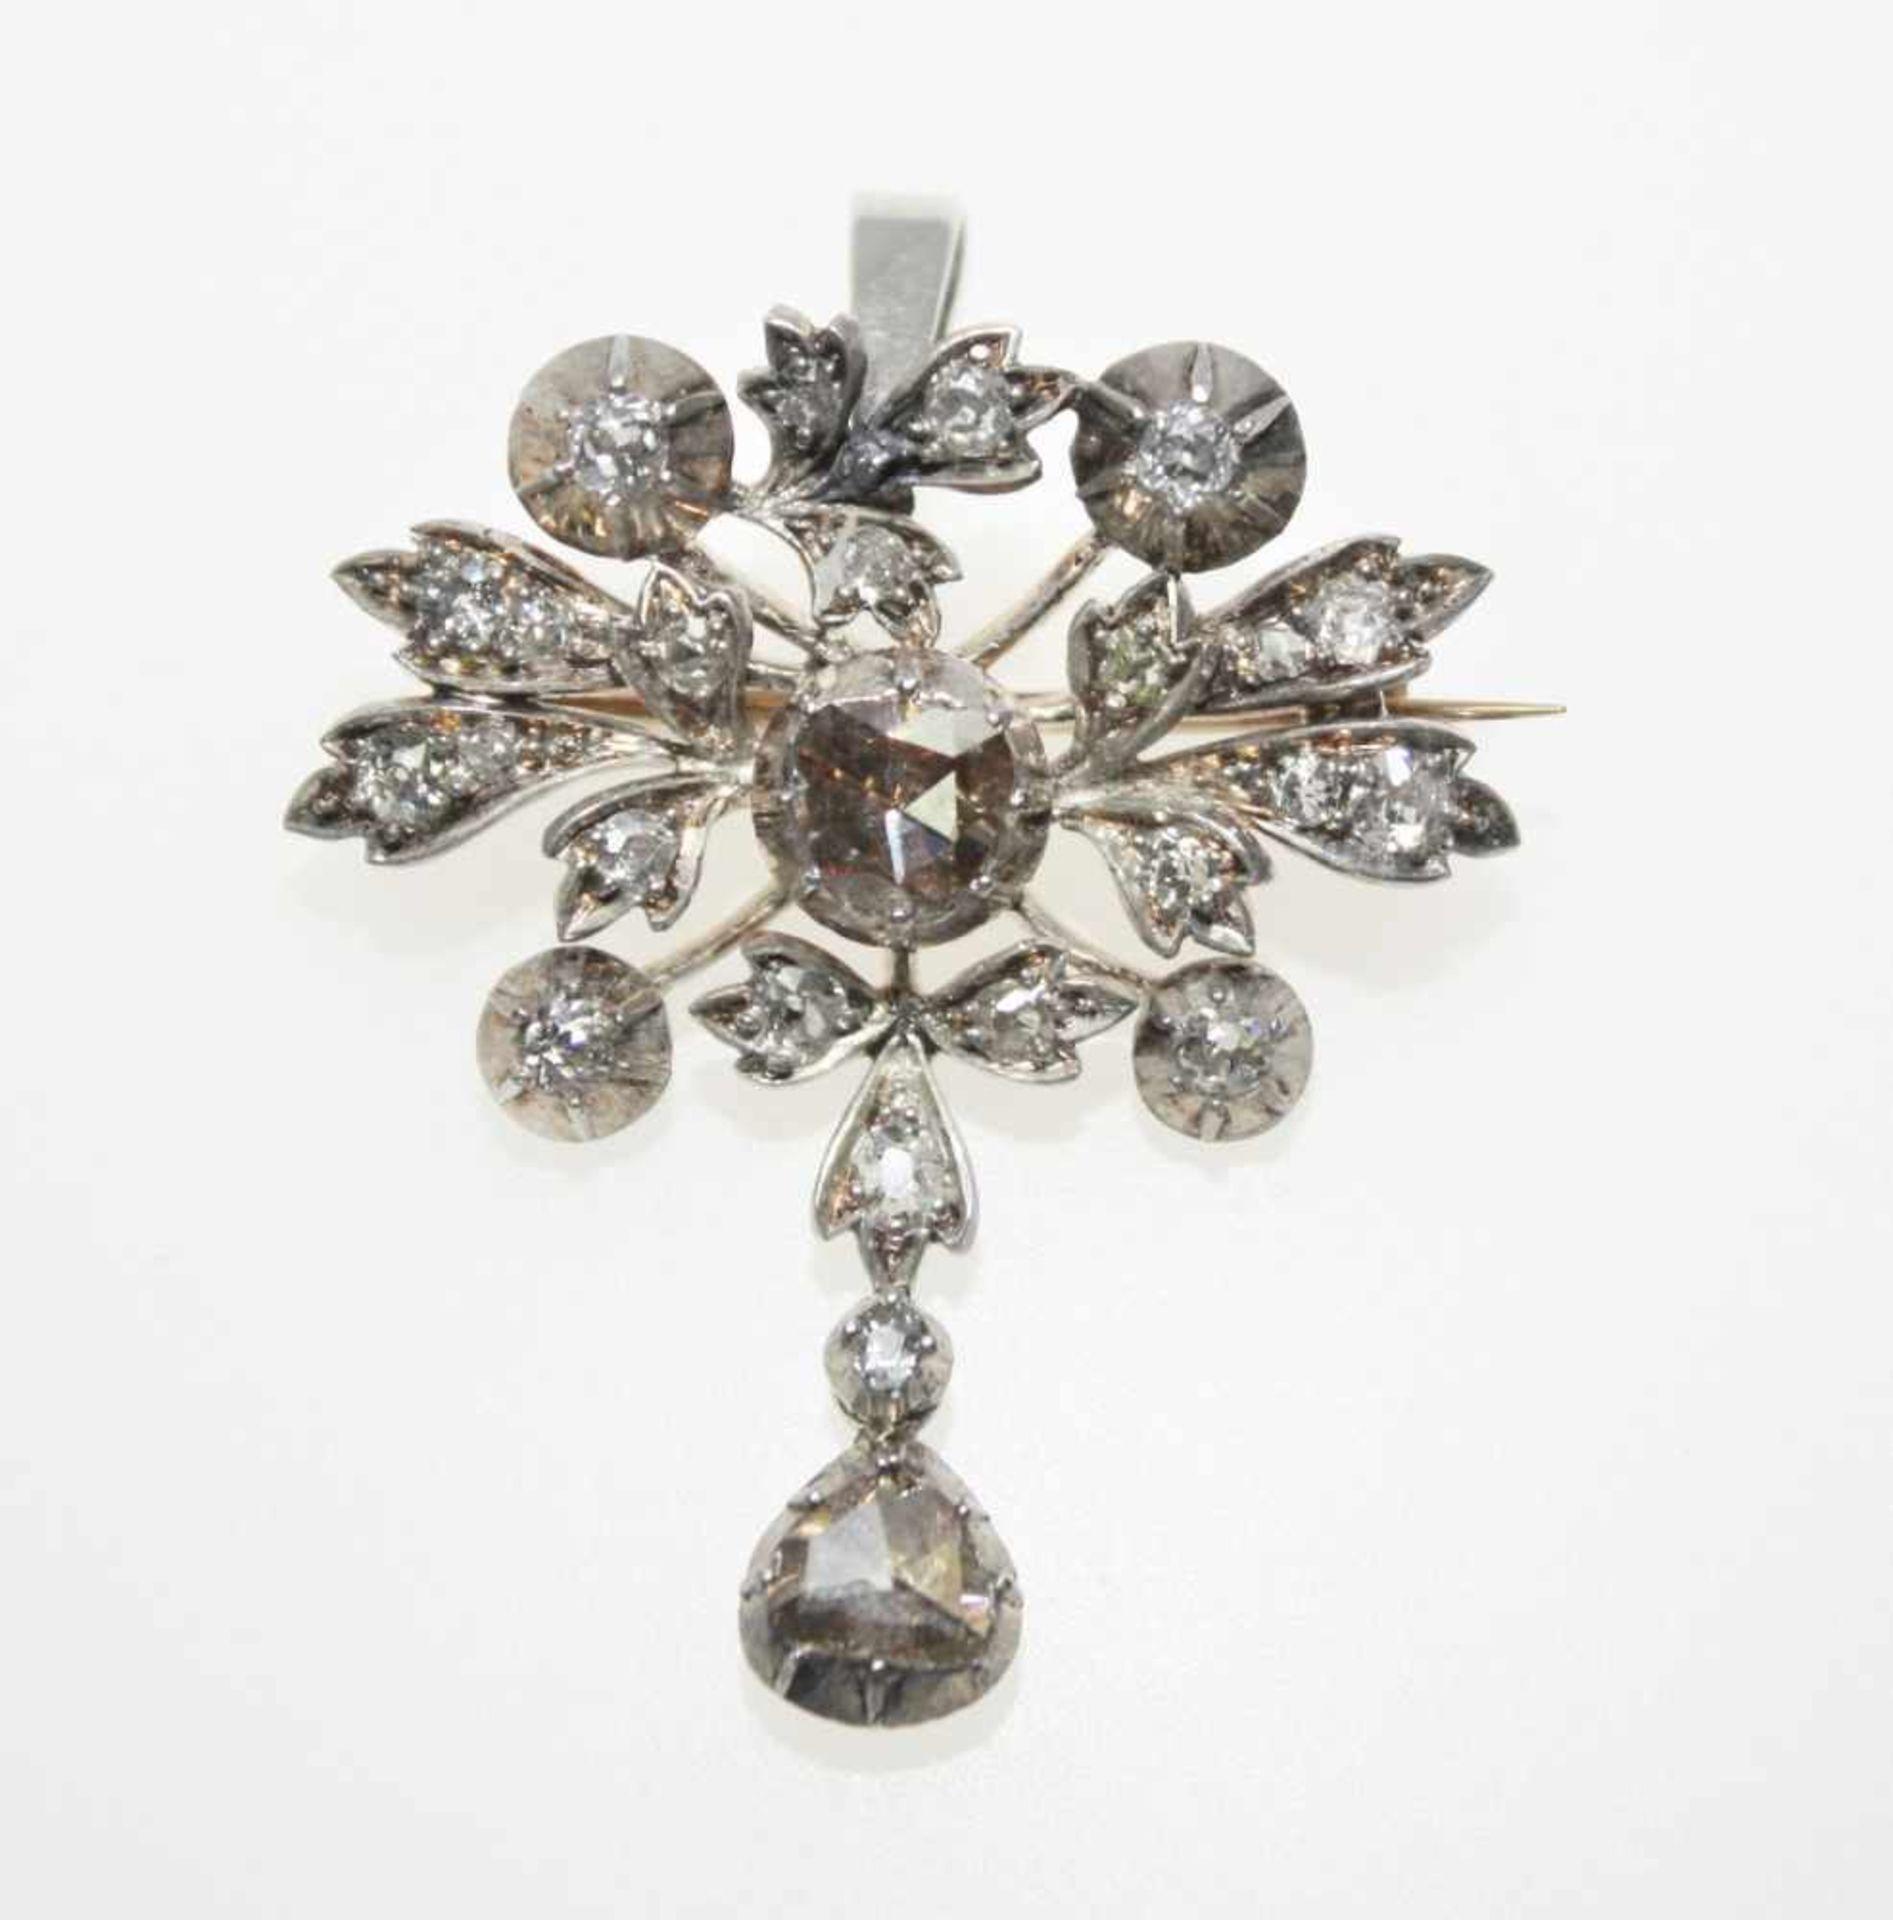 Älterer, blütenförmiger Broschanhänger in Silber, ausgefasst mit Diamanten in Rosenschliff und